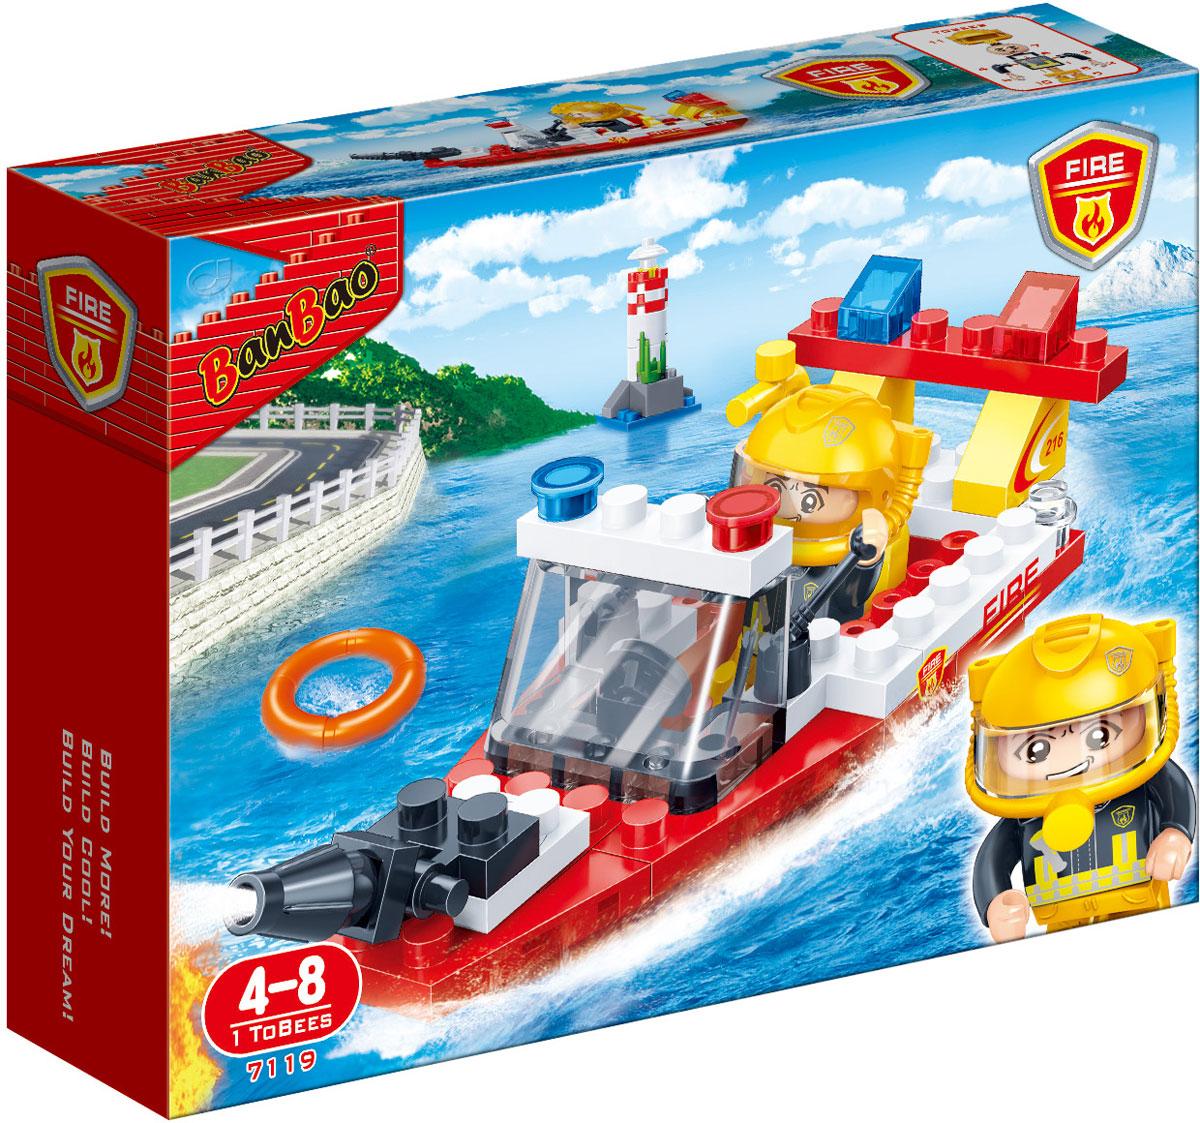 BanBao Конструктор Пожарный катер 62 детали конструктор banbao летний дом с 5 фигурками 425 детали 6105